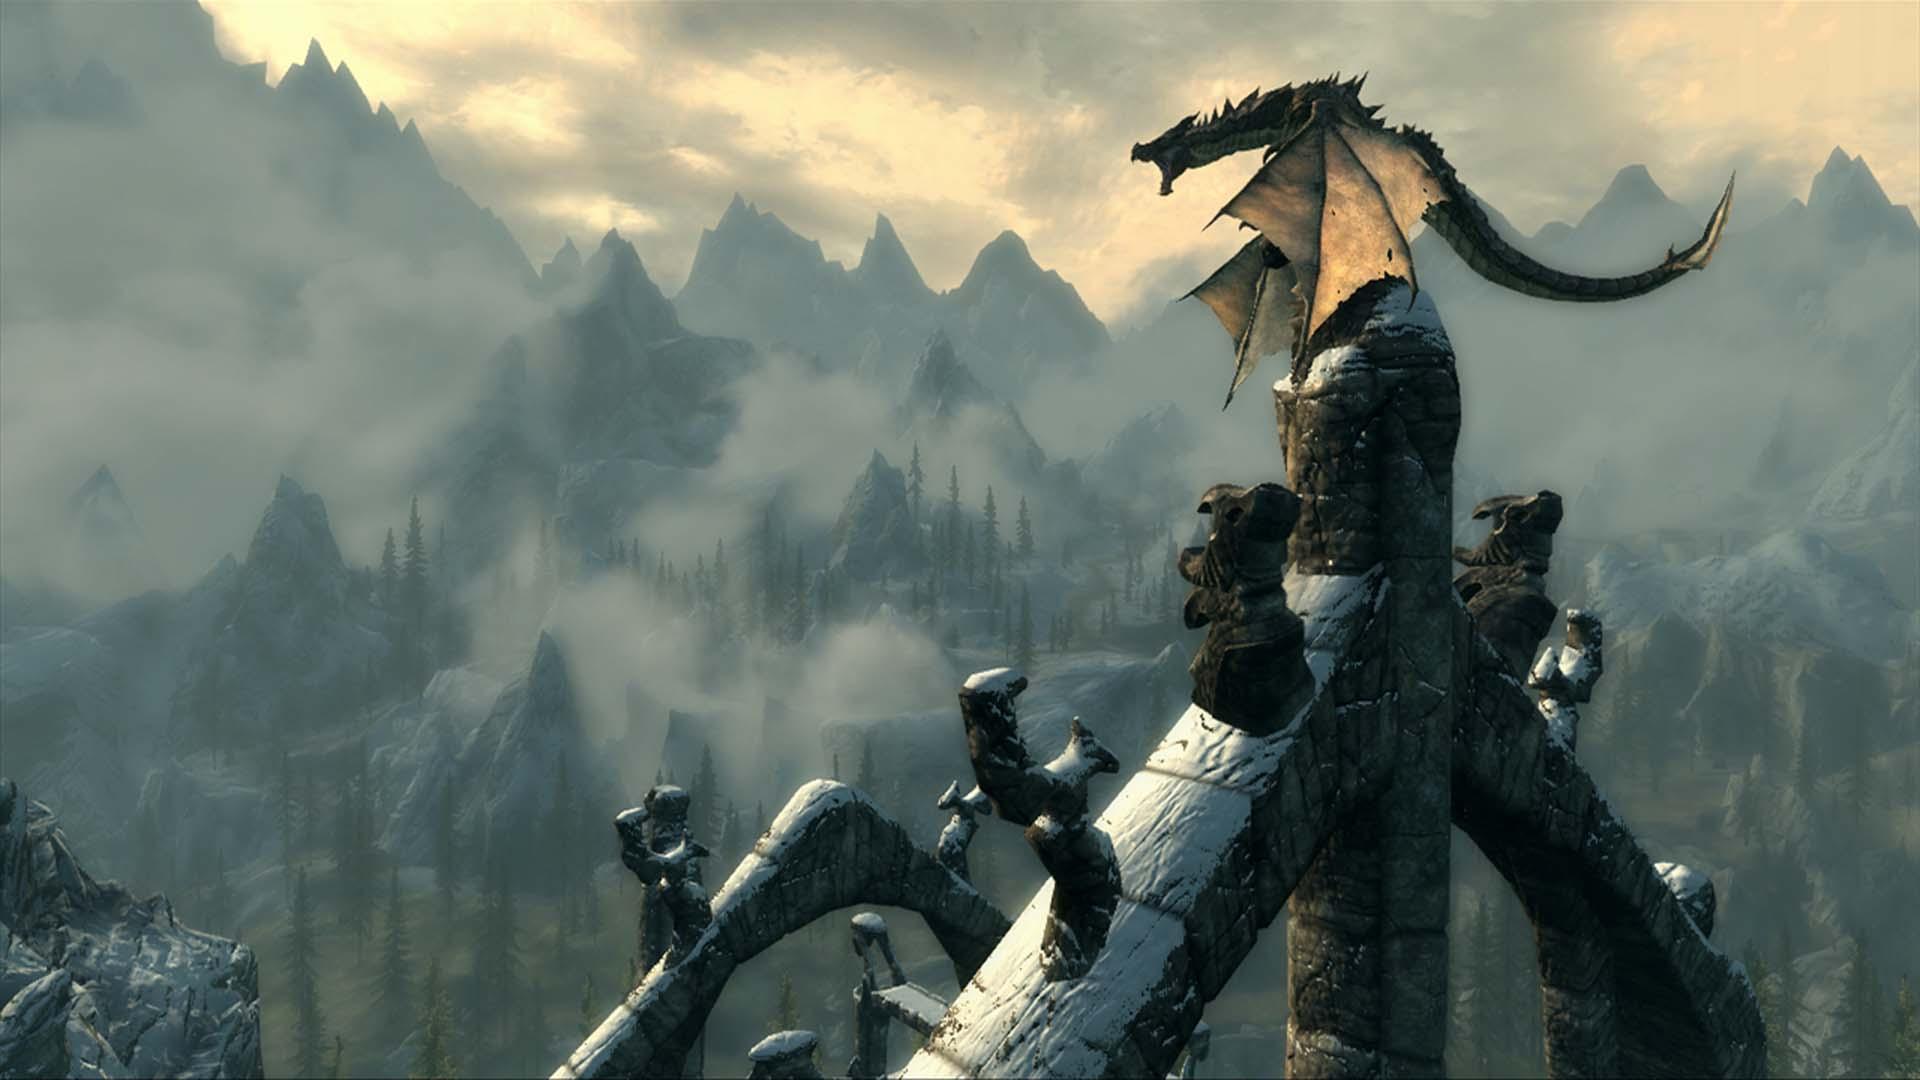 Империи грозит катастрофа после того, как король скайрим был убит - skyrim скачать с торрента